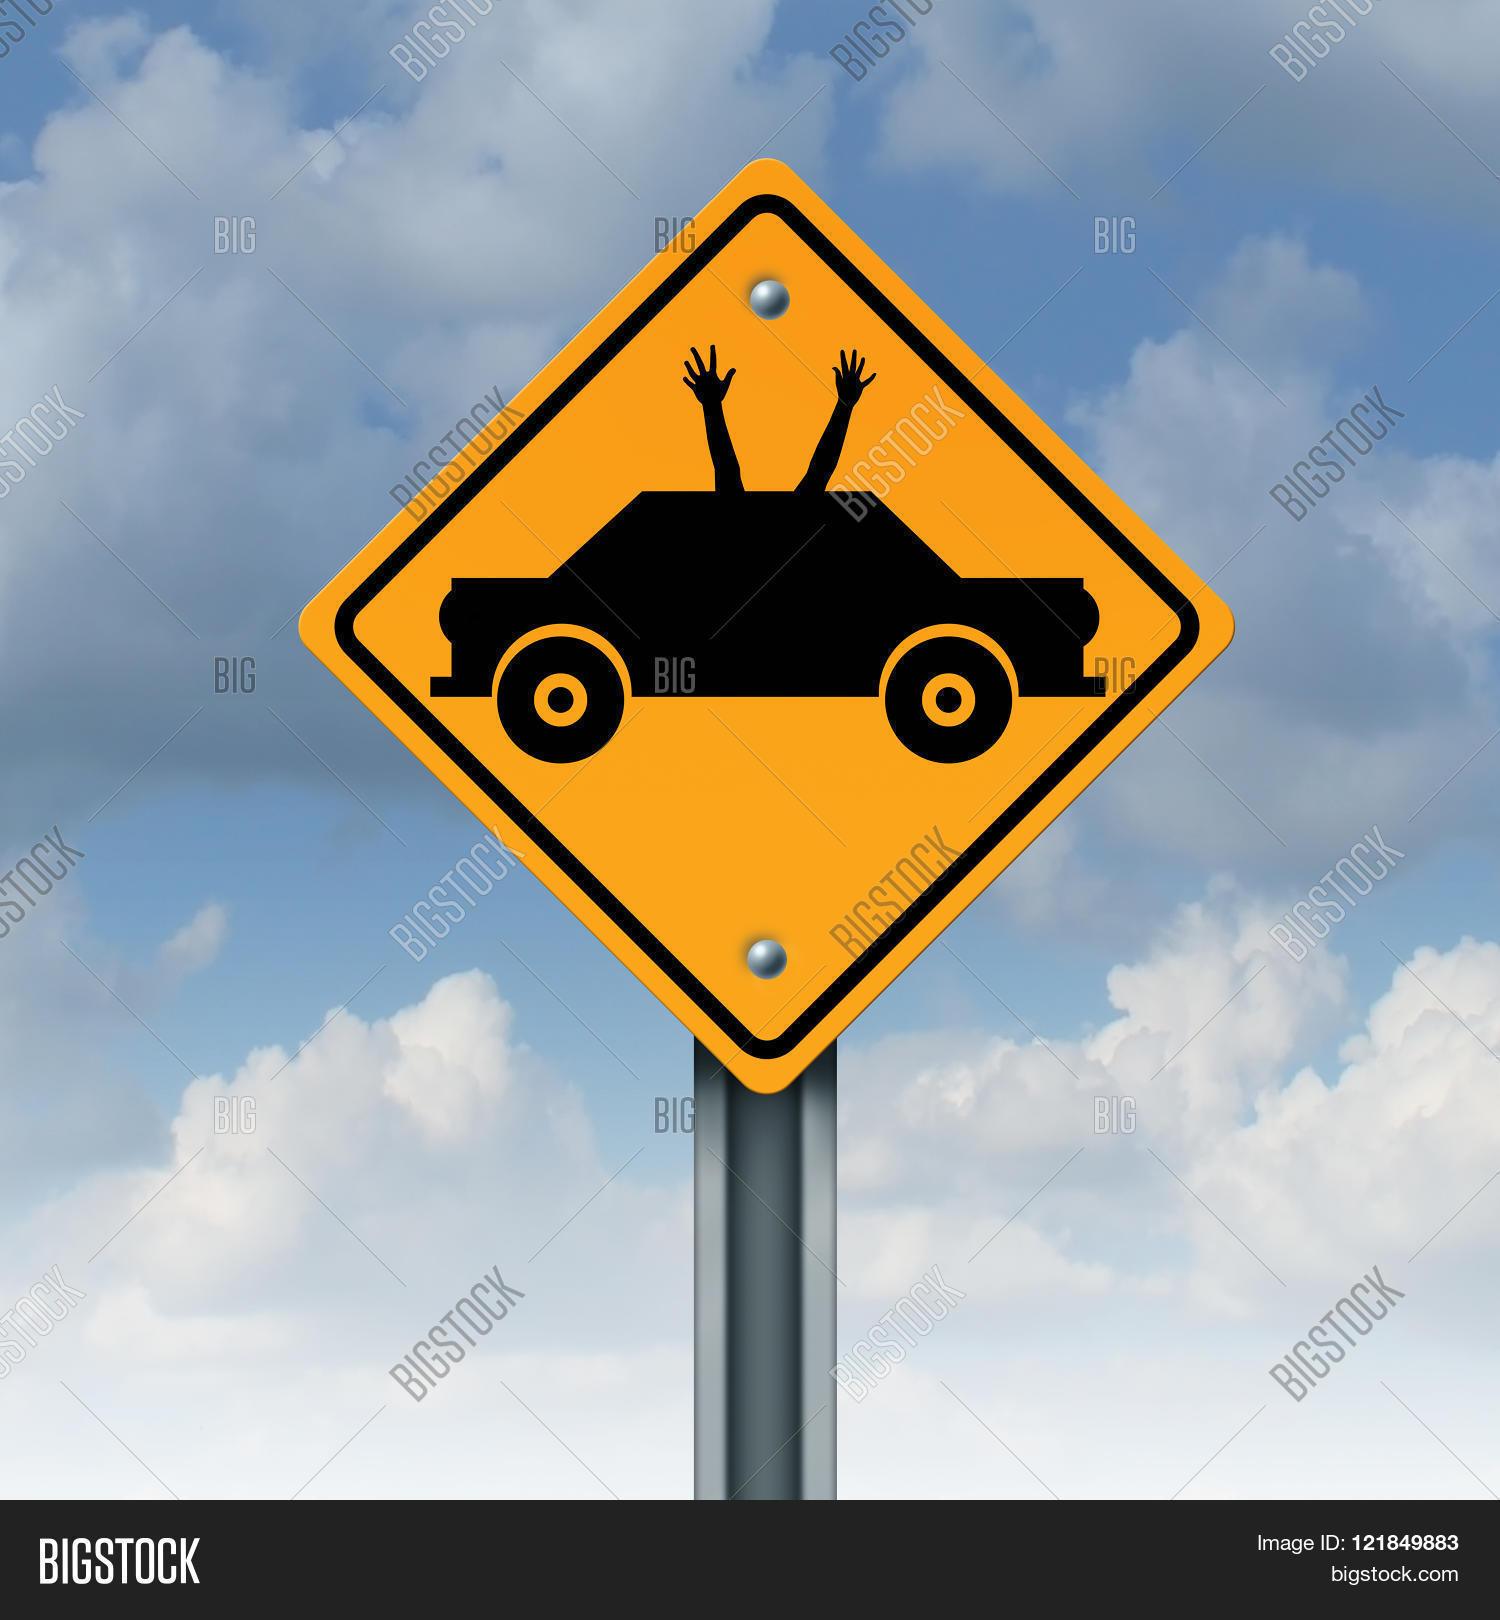 Autonomous Driving Concept Image & Photo